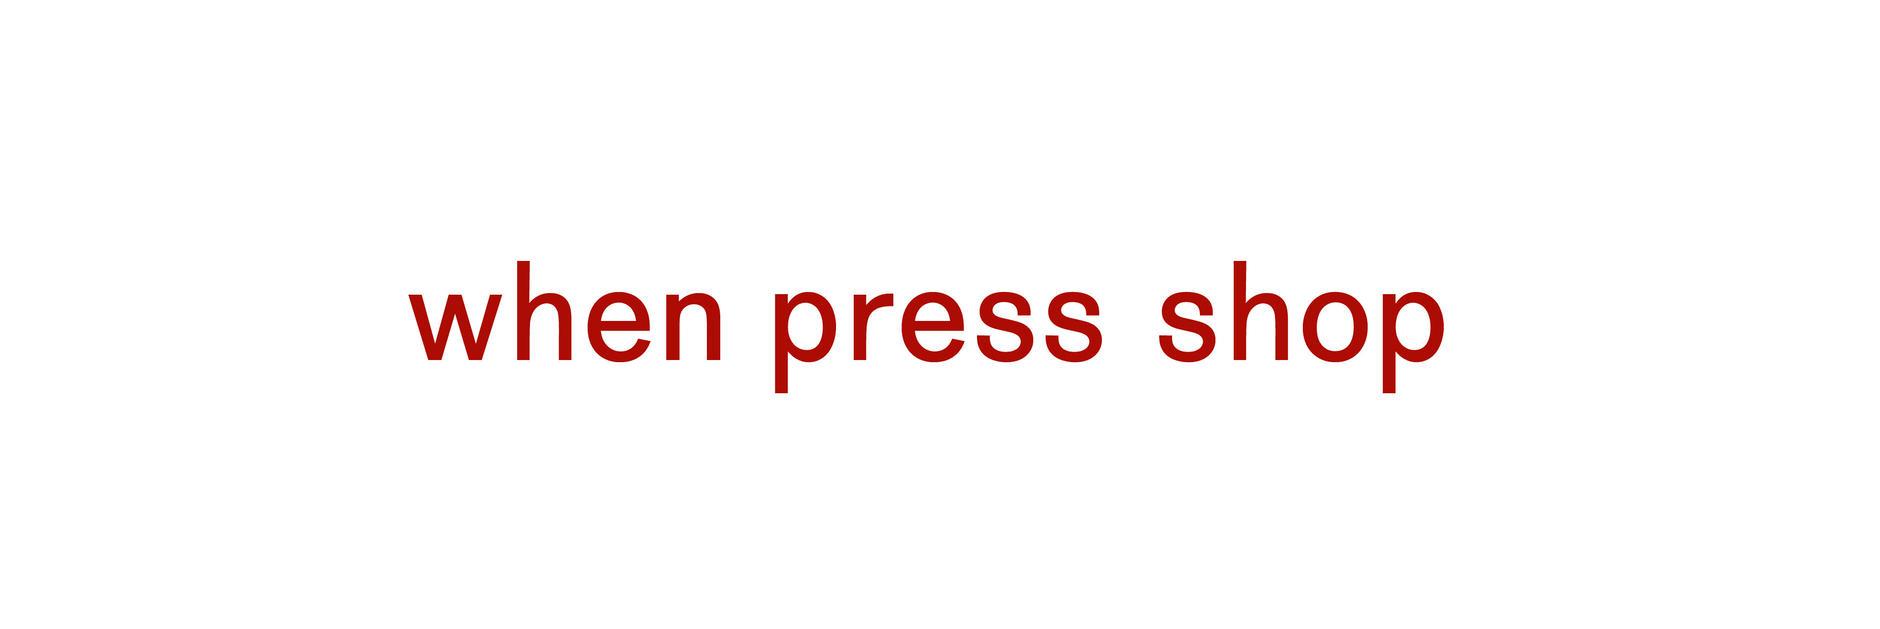 when press  shop